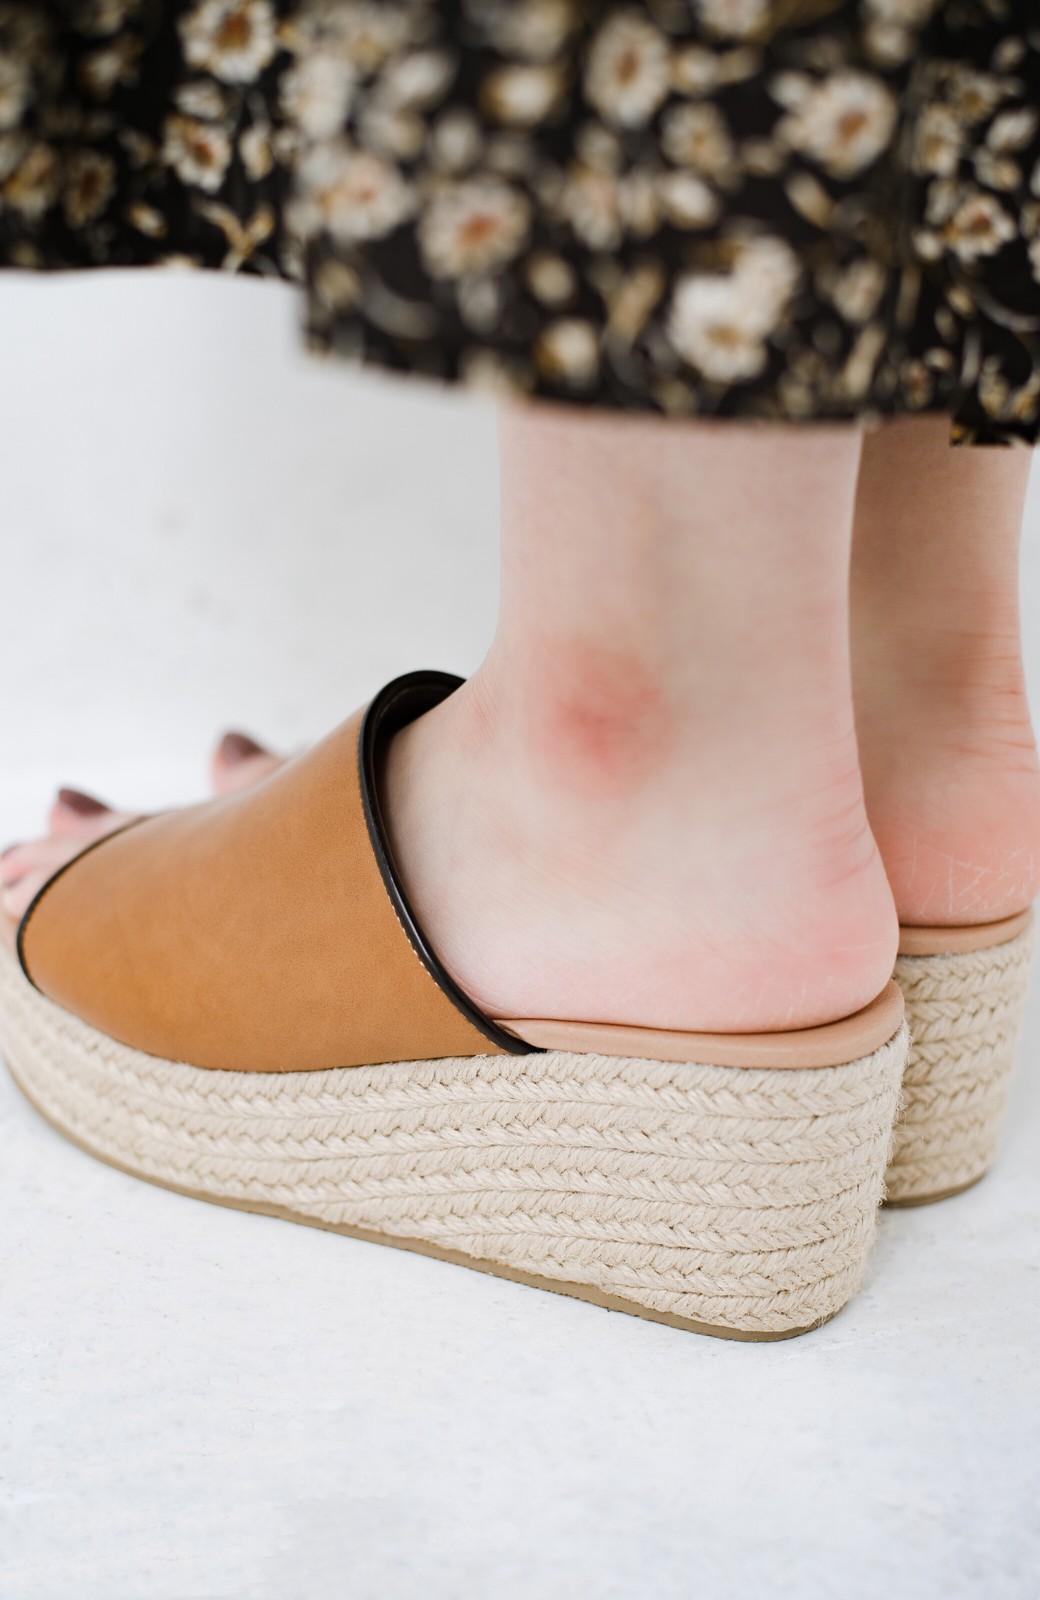 haco! 足を甘やかしながらもすっきり見せたいときに便利な バイカラーのプラットフォームサンダル <キャメル>の商品写真7